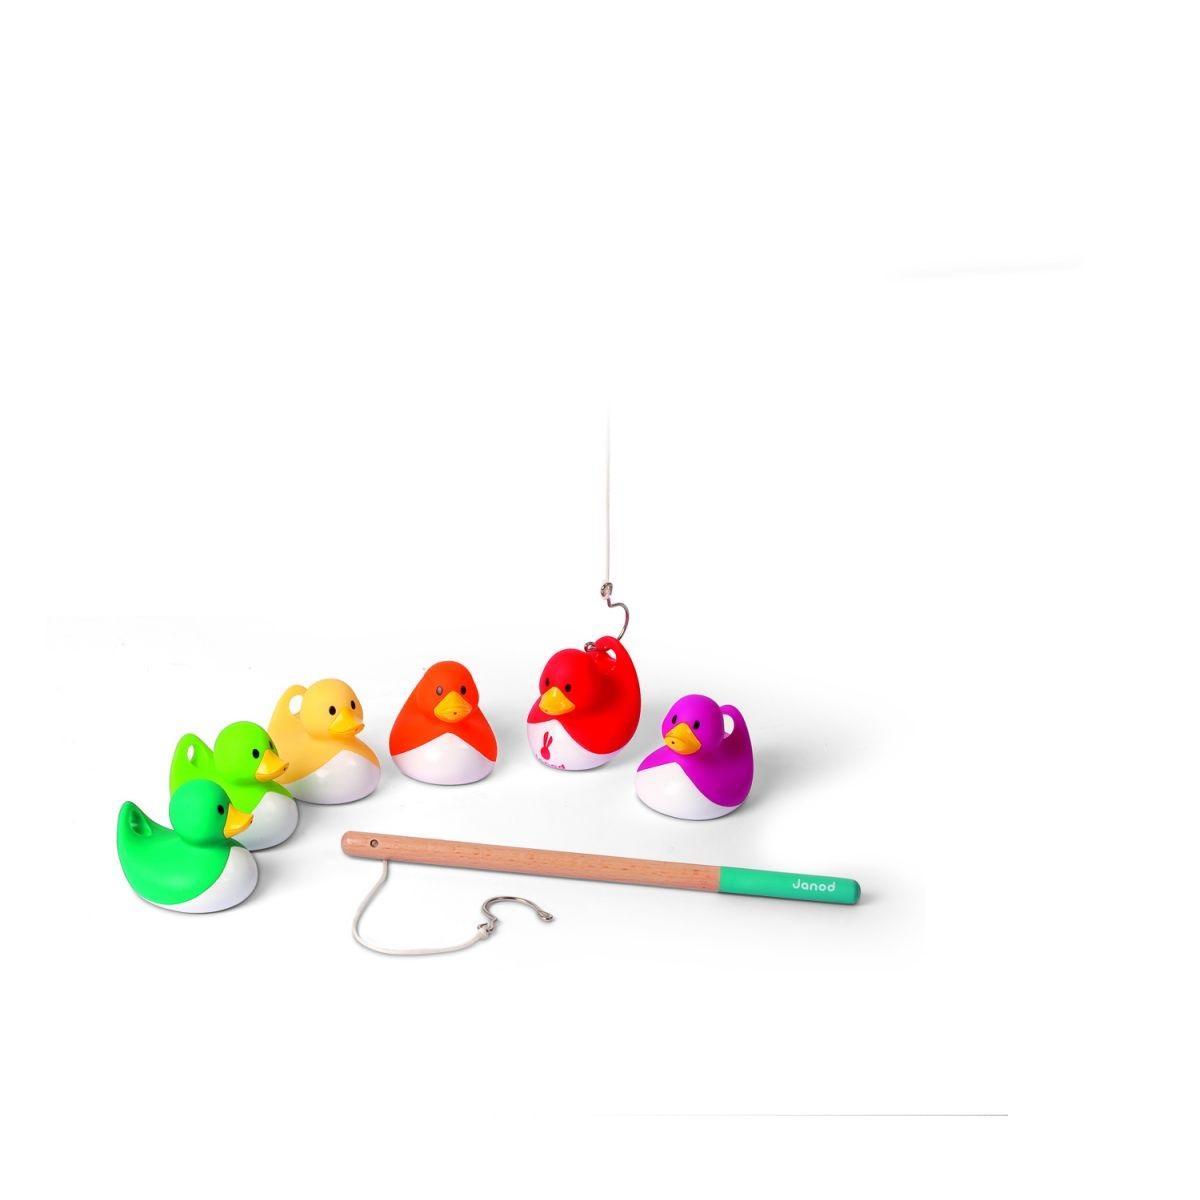 Pêche aux canards Les marques de coffrets créatifs pour